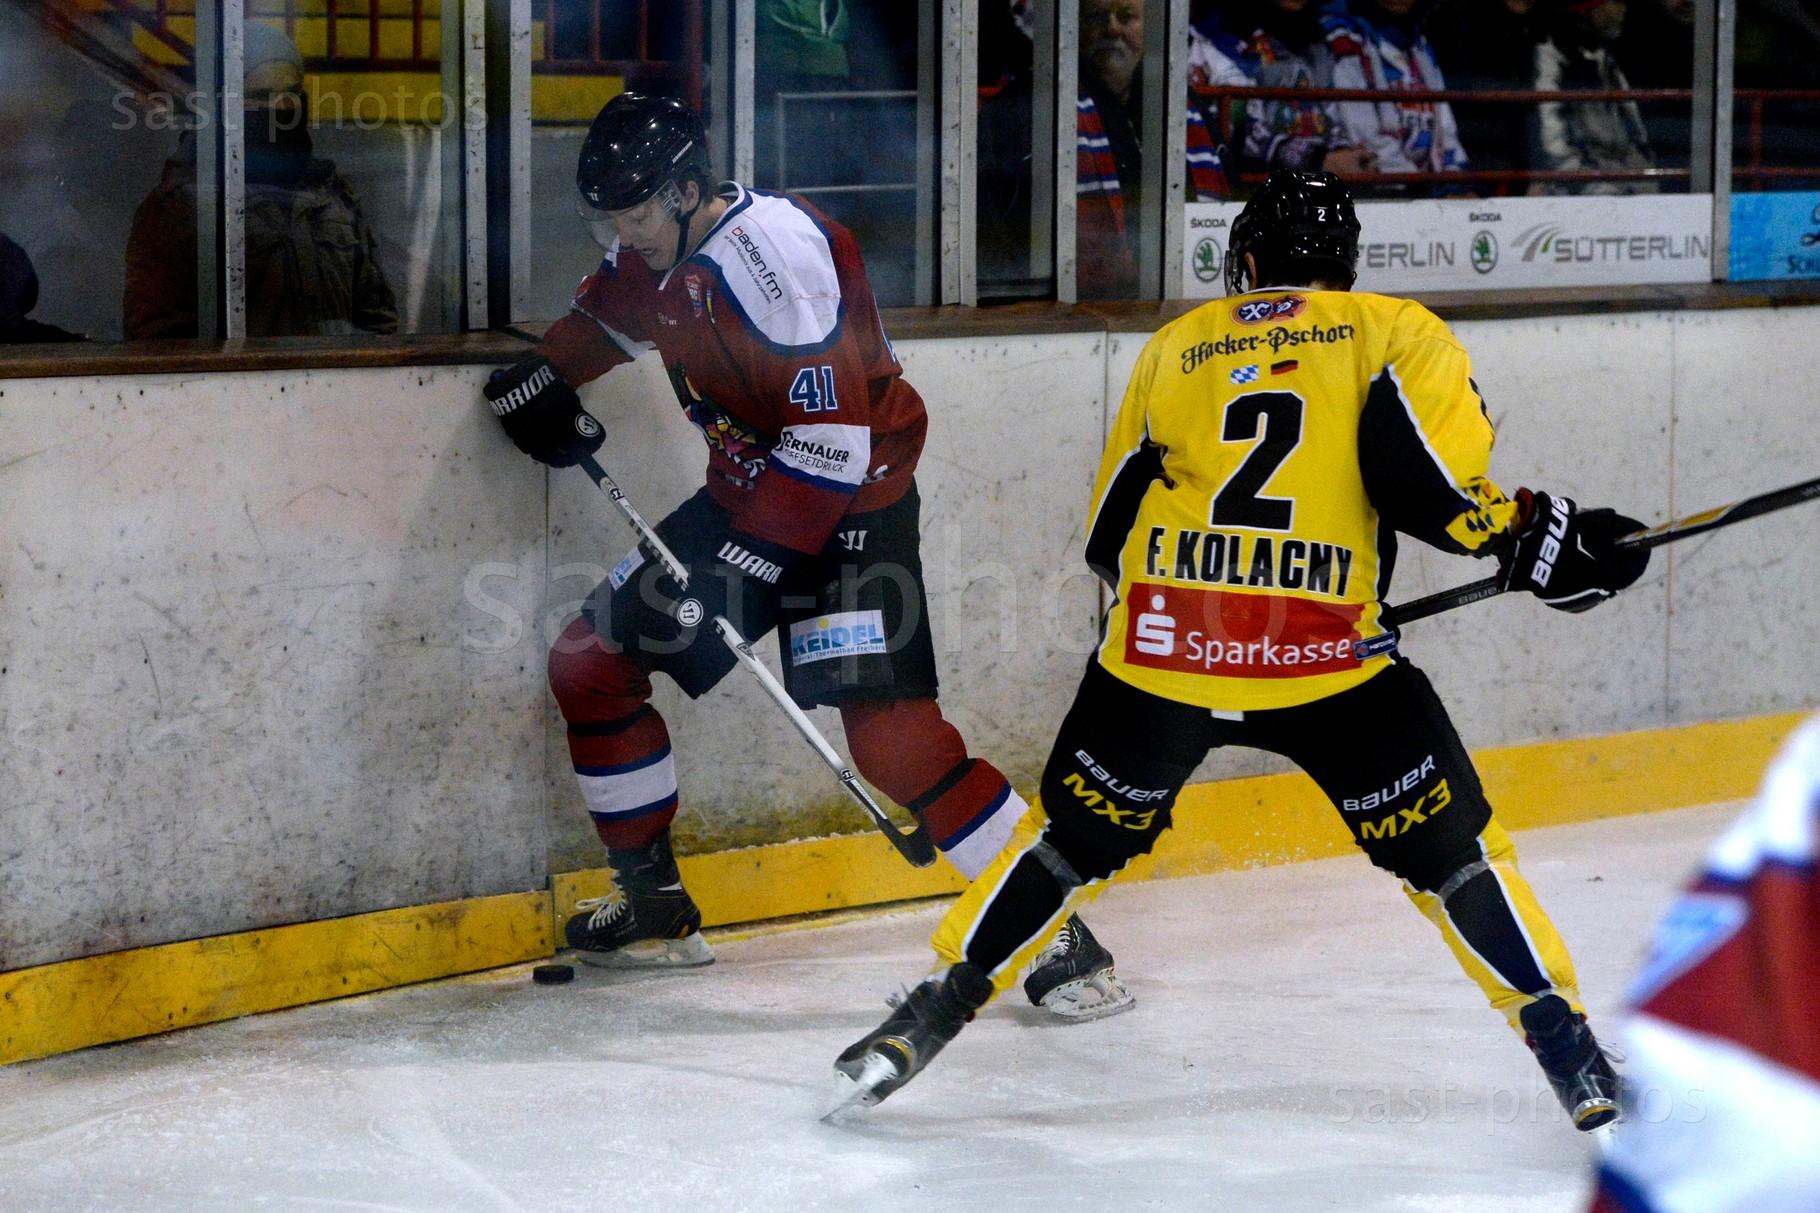 Jannik Herm (L. Freiburg) gegen Florian Kolacny (Bad Toelz)